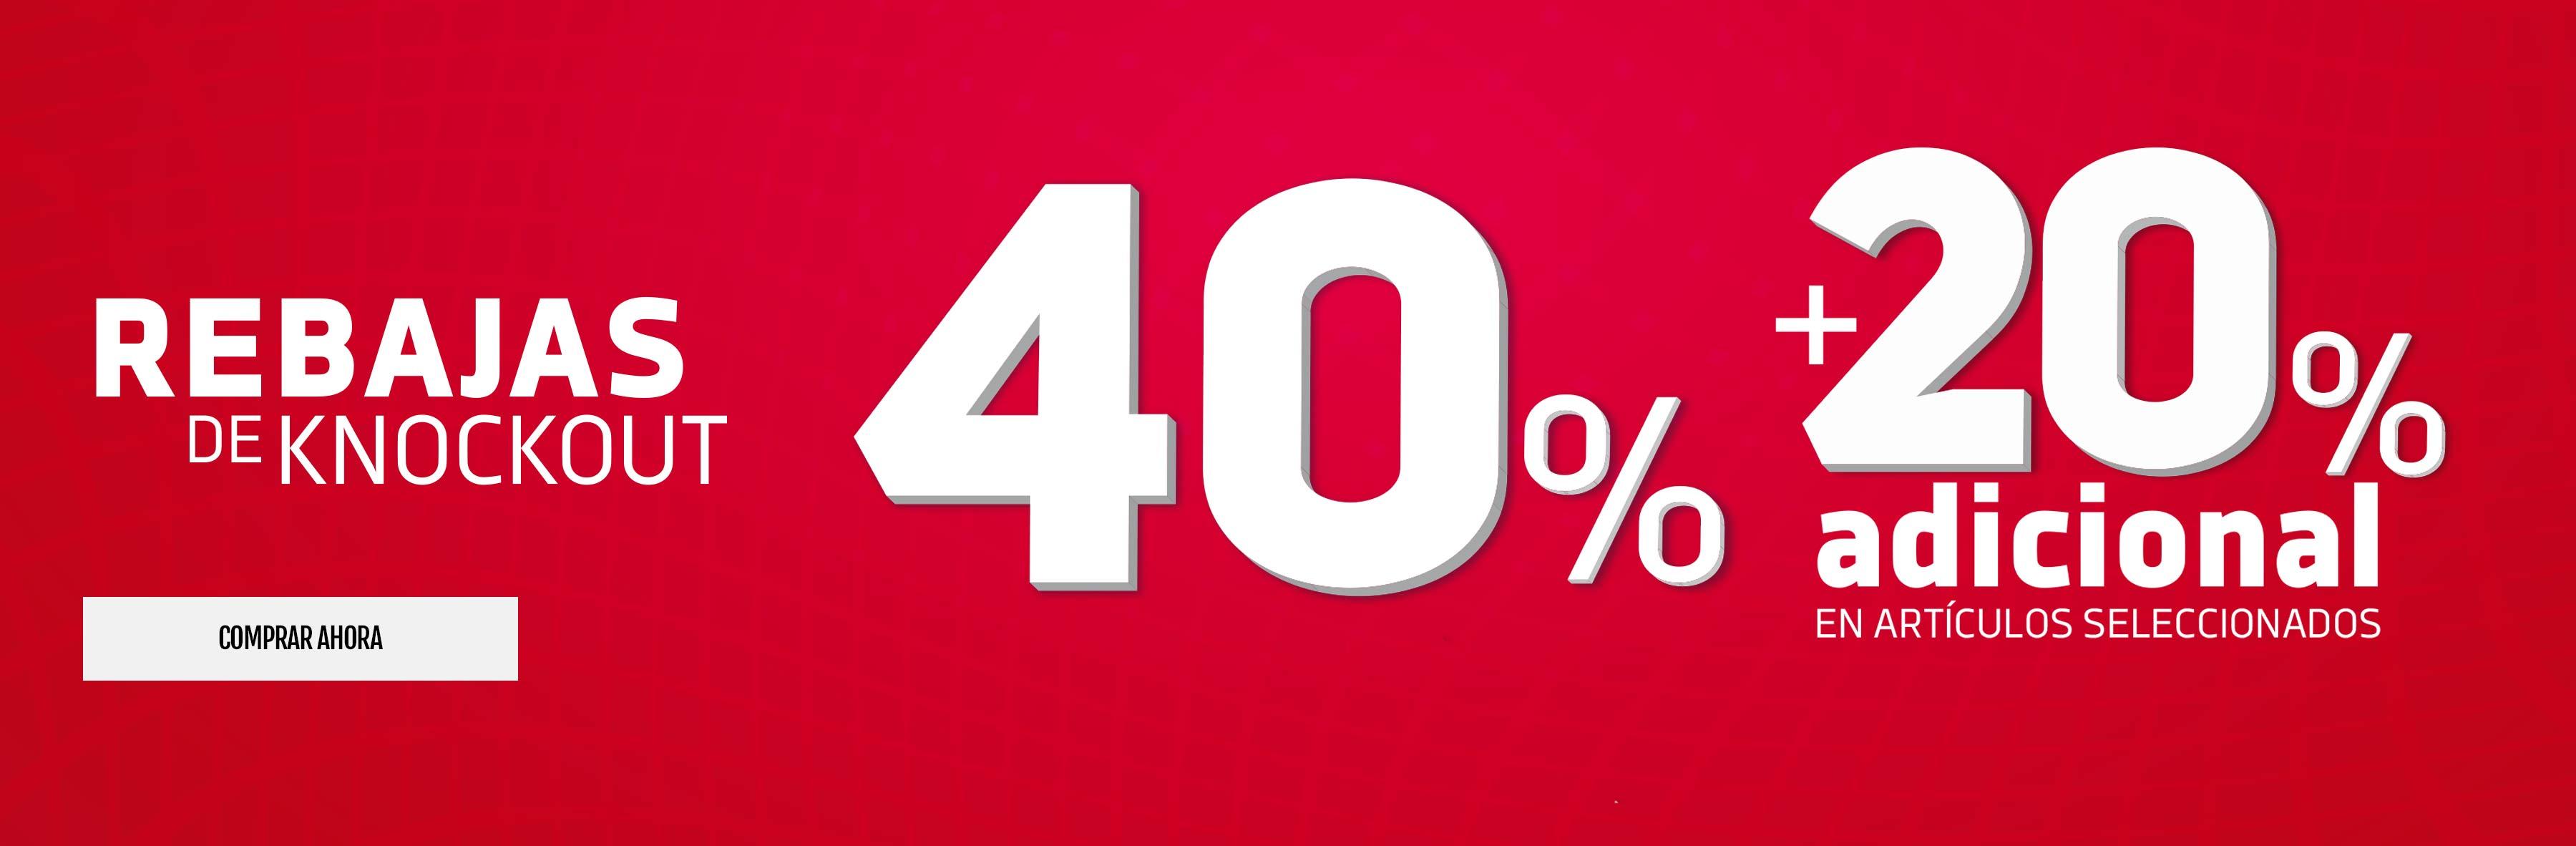 20% de descuento adicional a producto con 40%